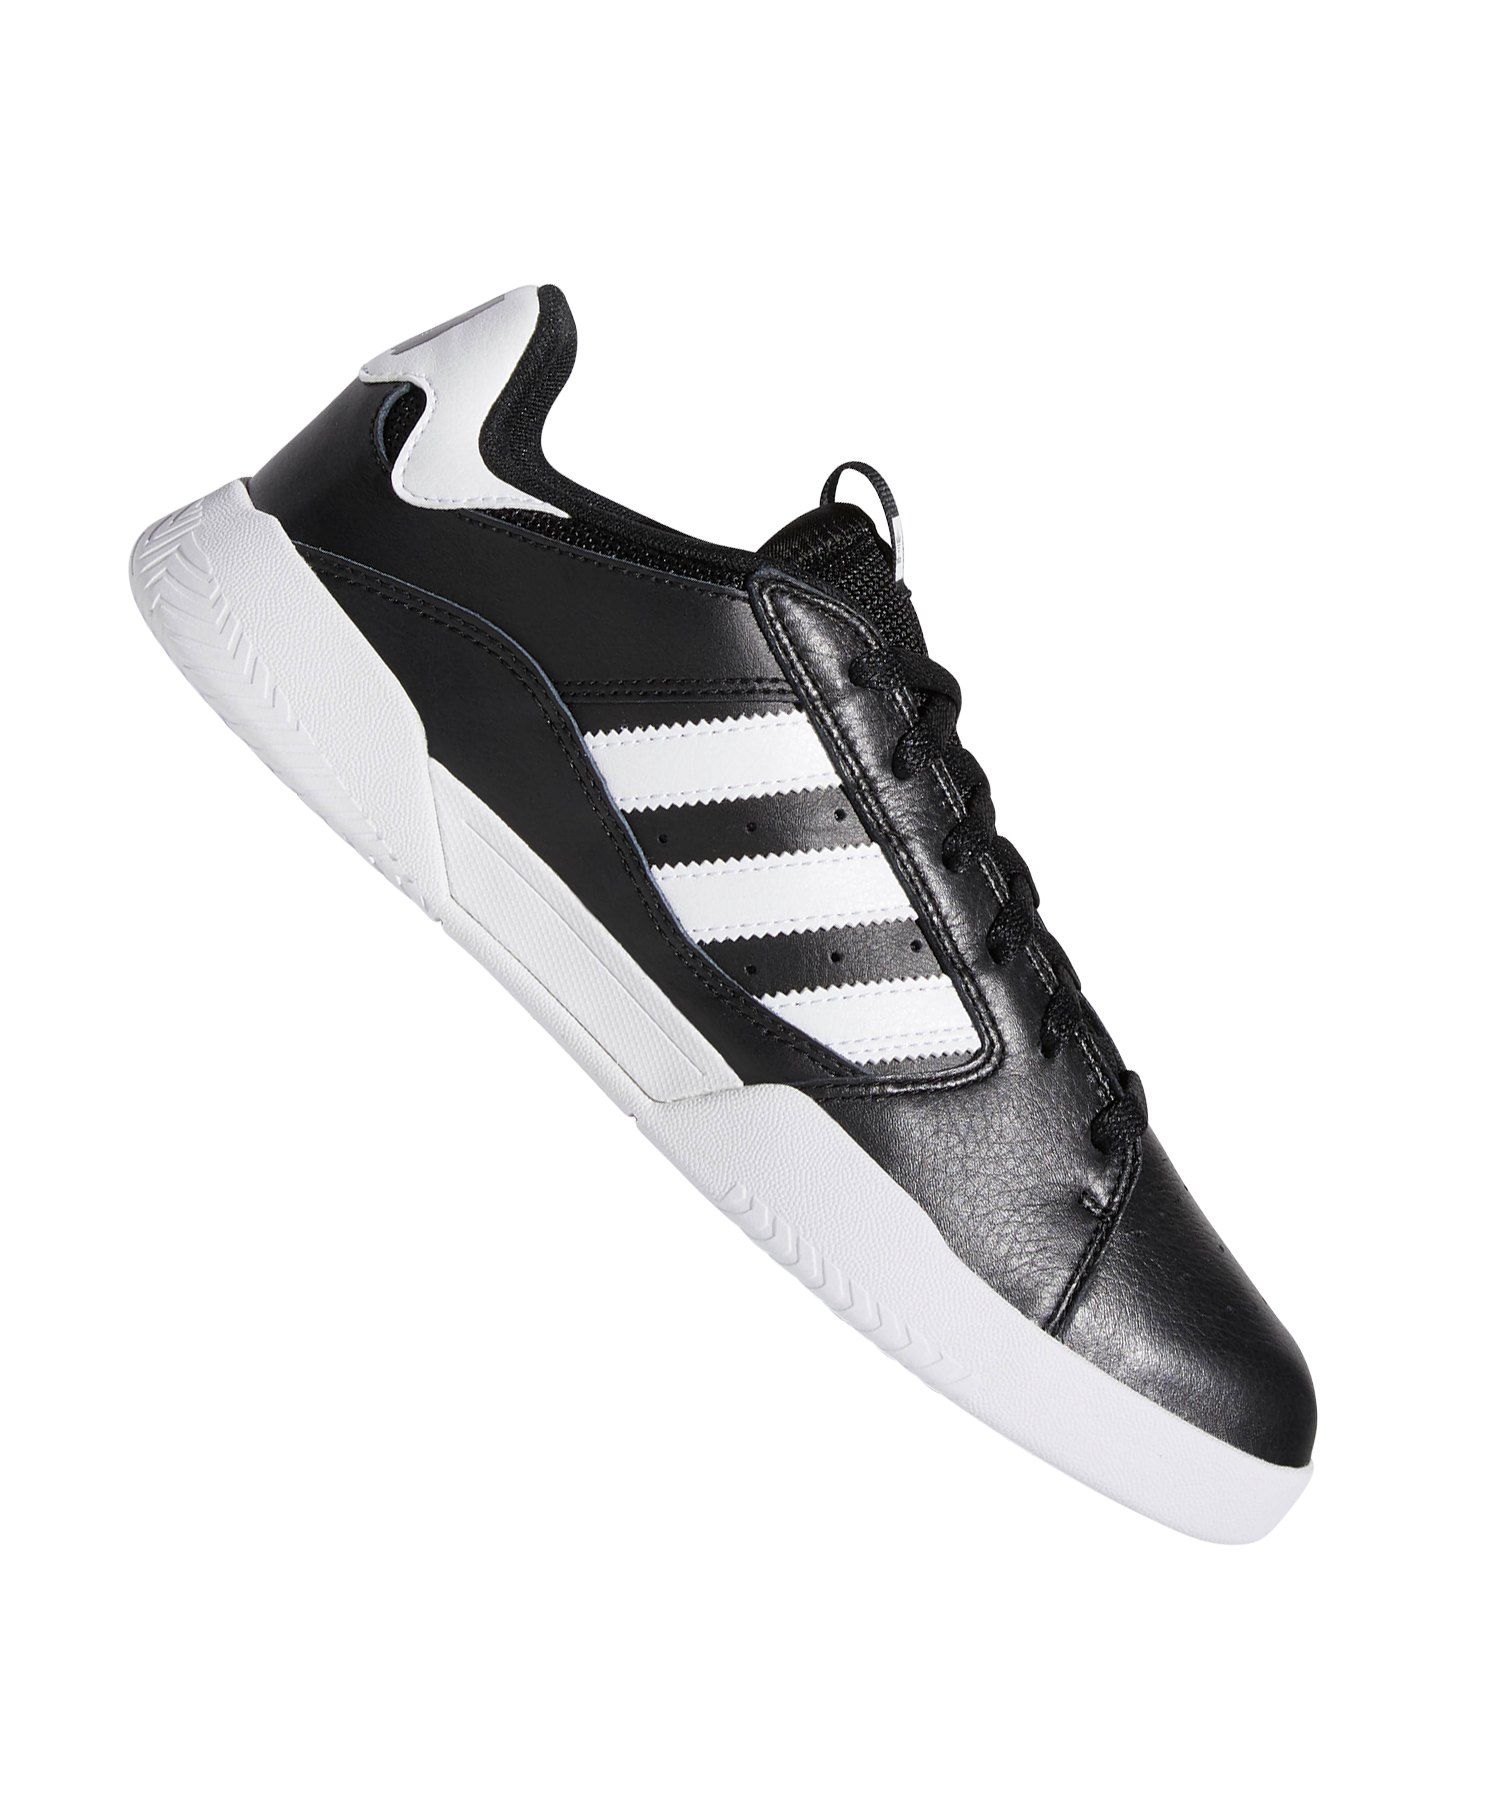 adidas schwarz weiß adidas schuhe schwarz htCrxdsQB